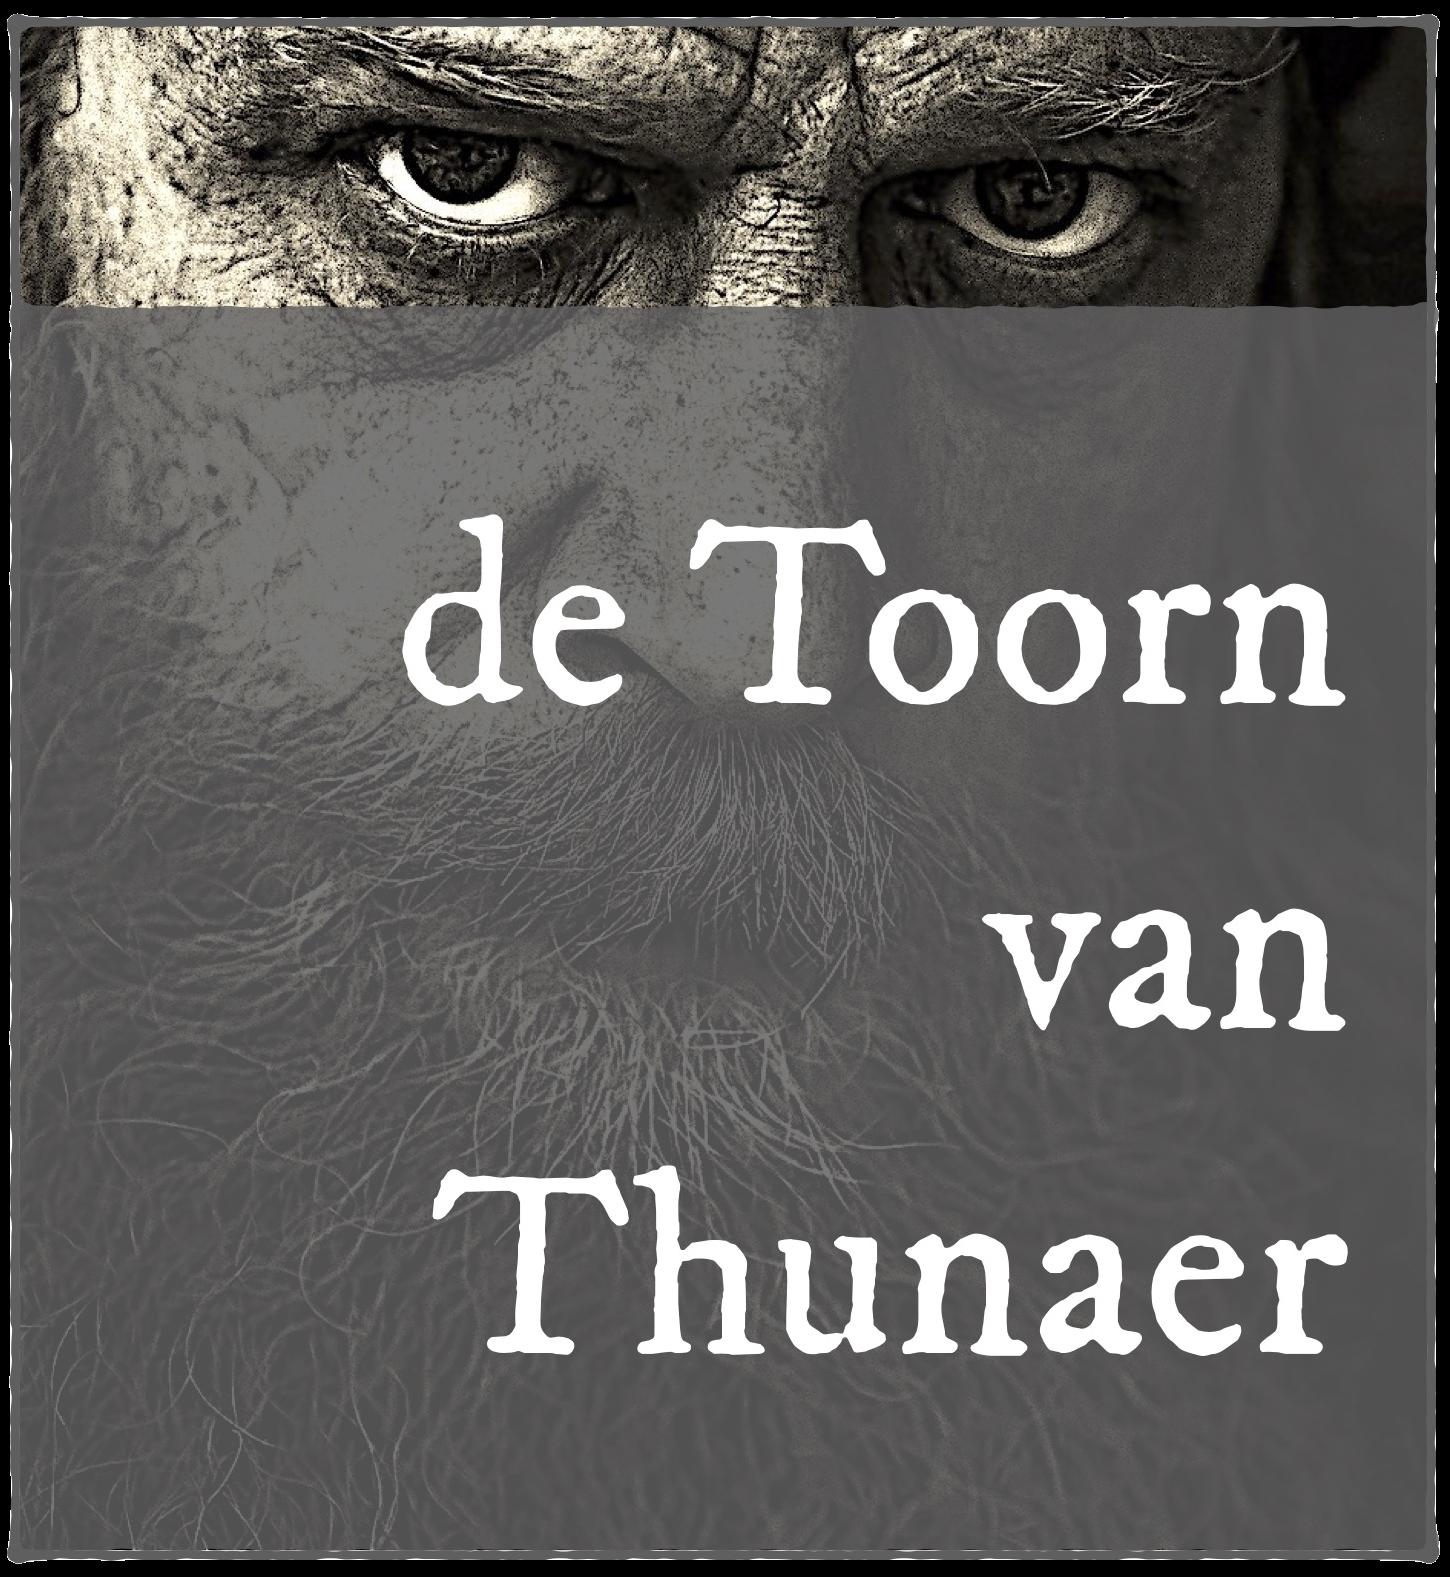 De Toorn van Thunaer